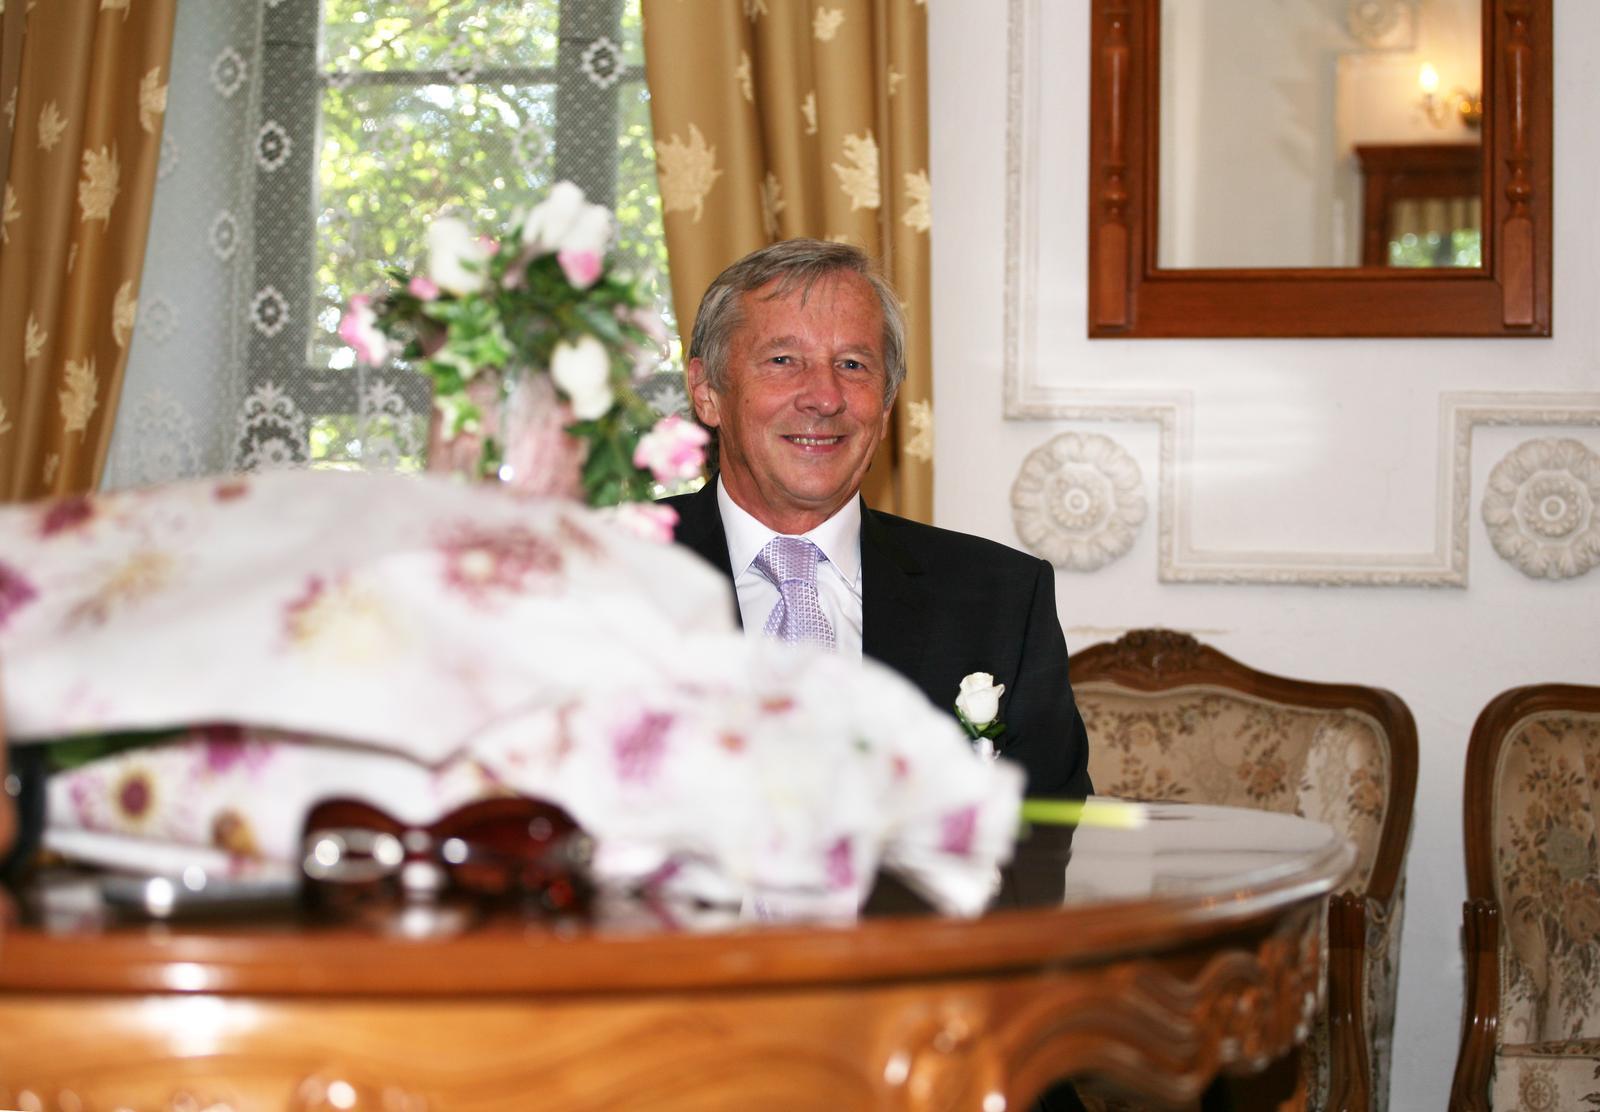 Dnes se oženil můj taťka :-) - Obrázek č. 2